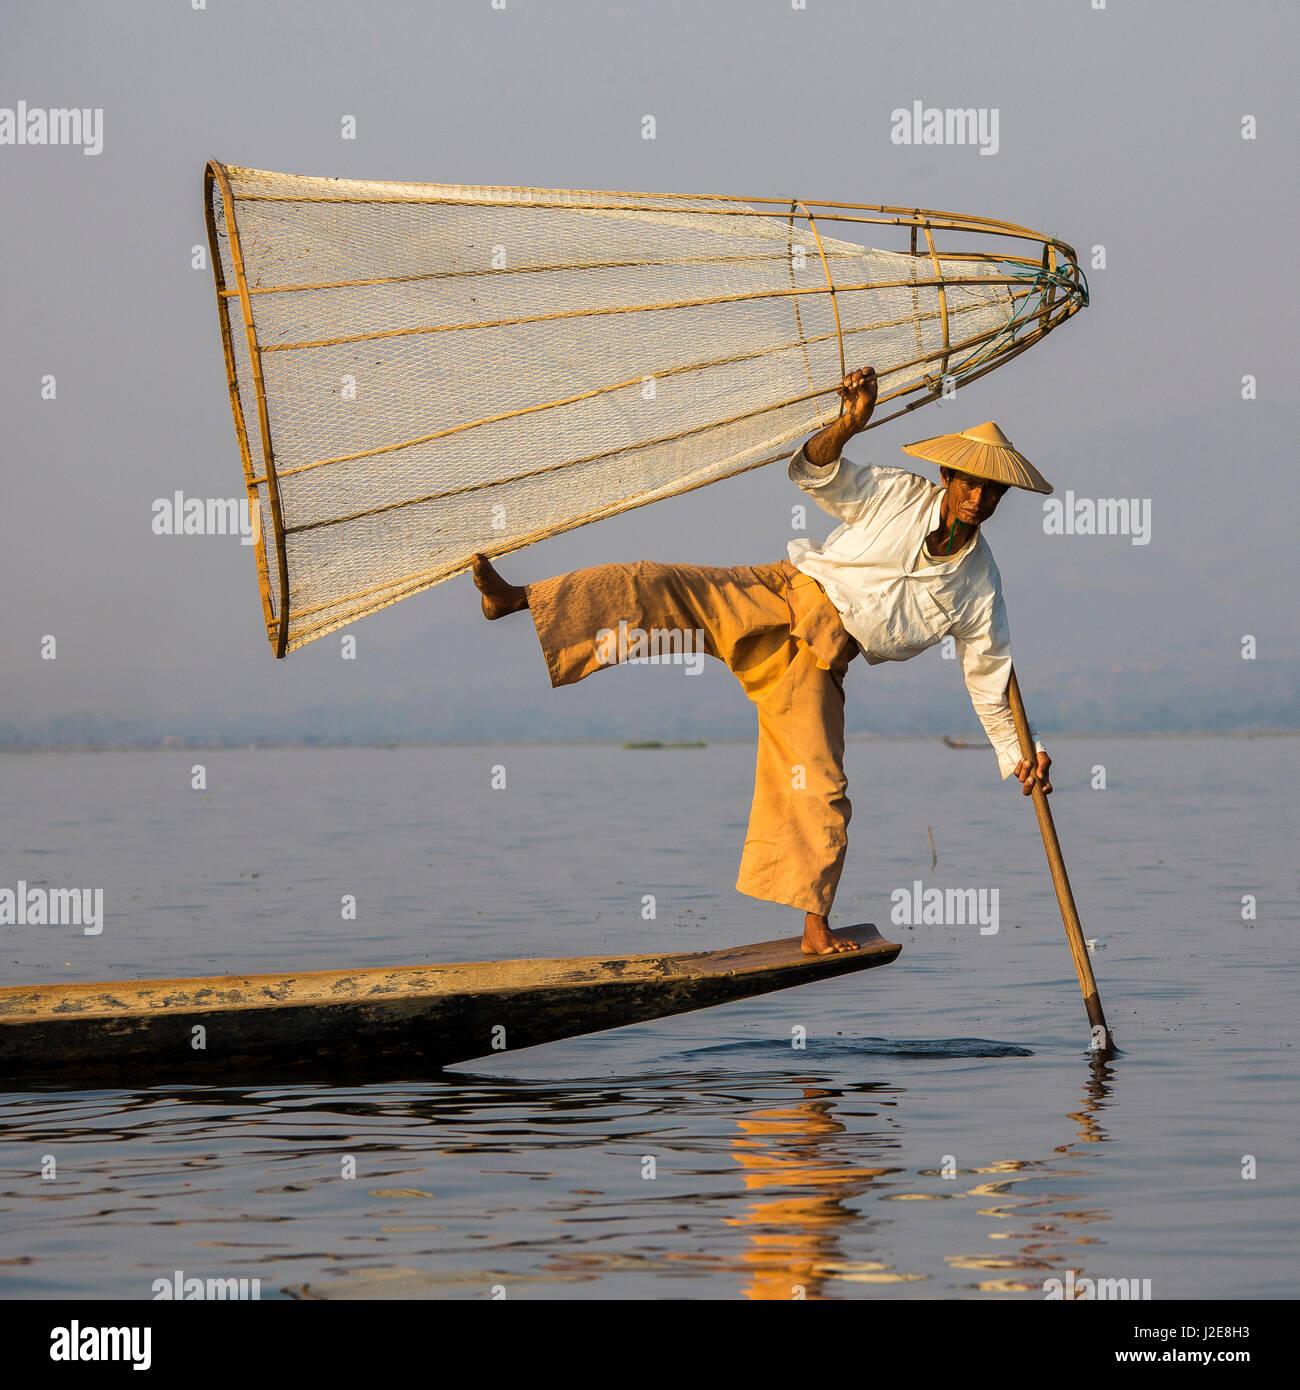 Leg rowing style, Intha fishermen on Inle Lake, Myanmar - Stock Image